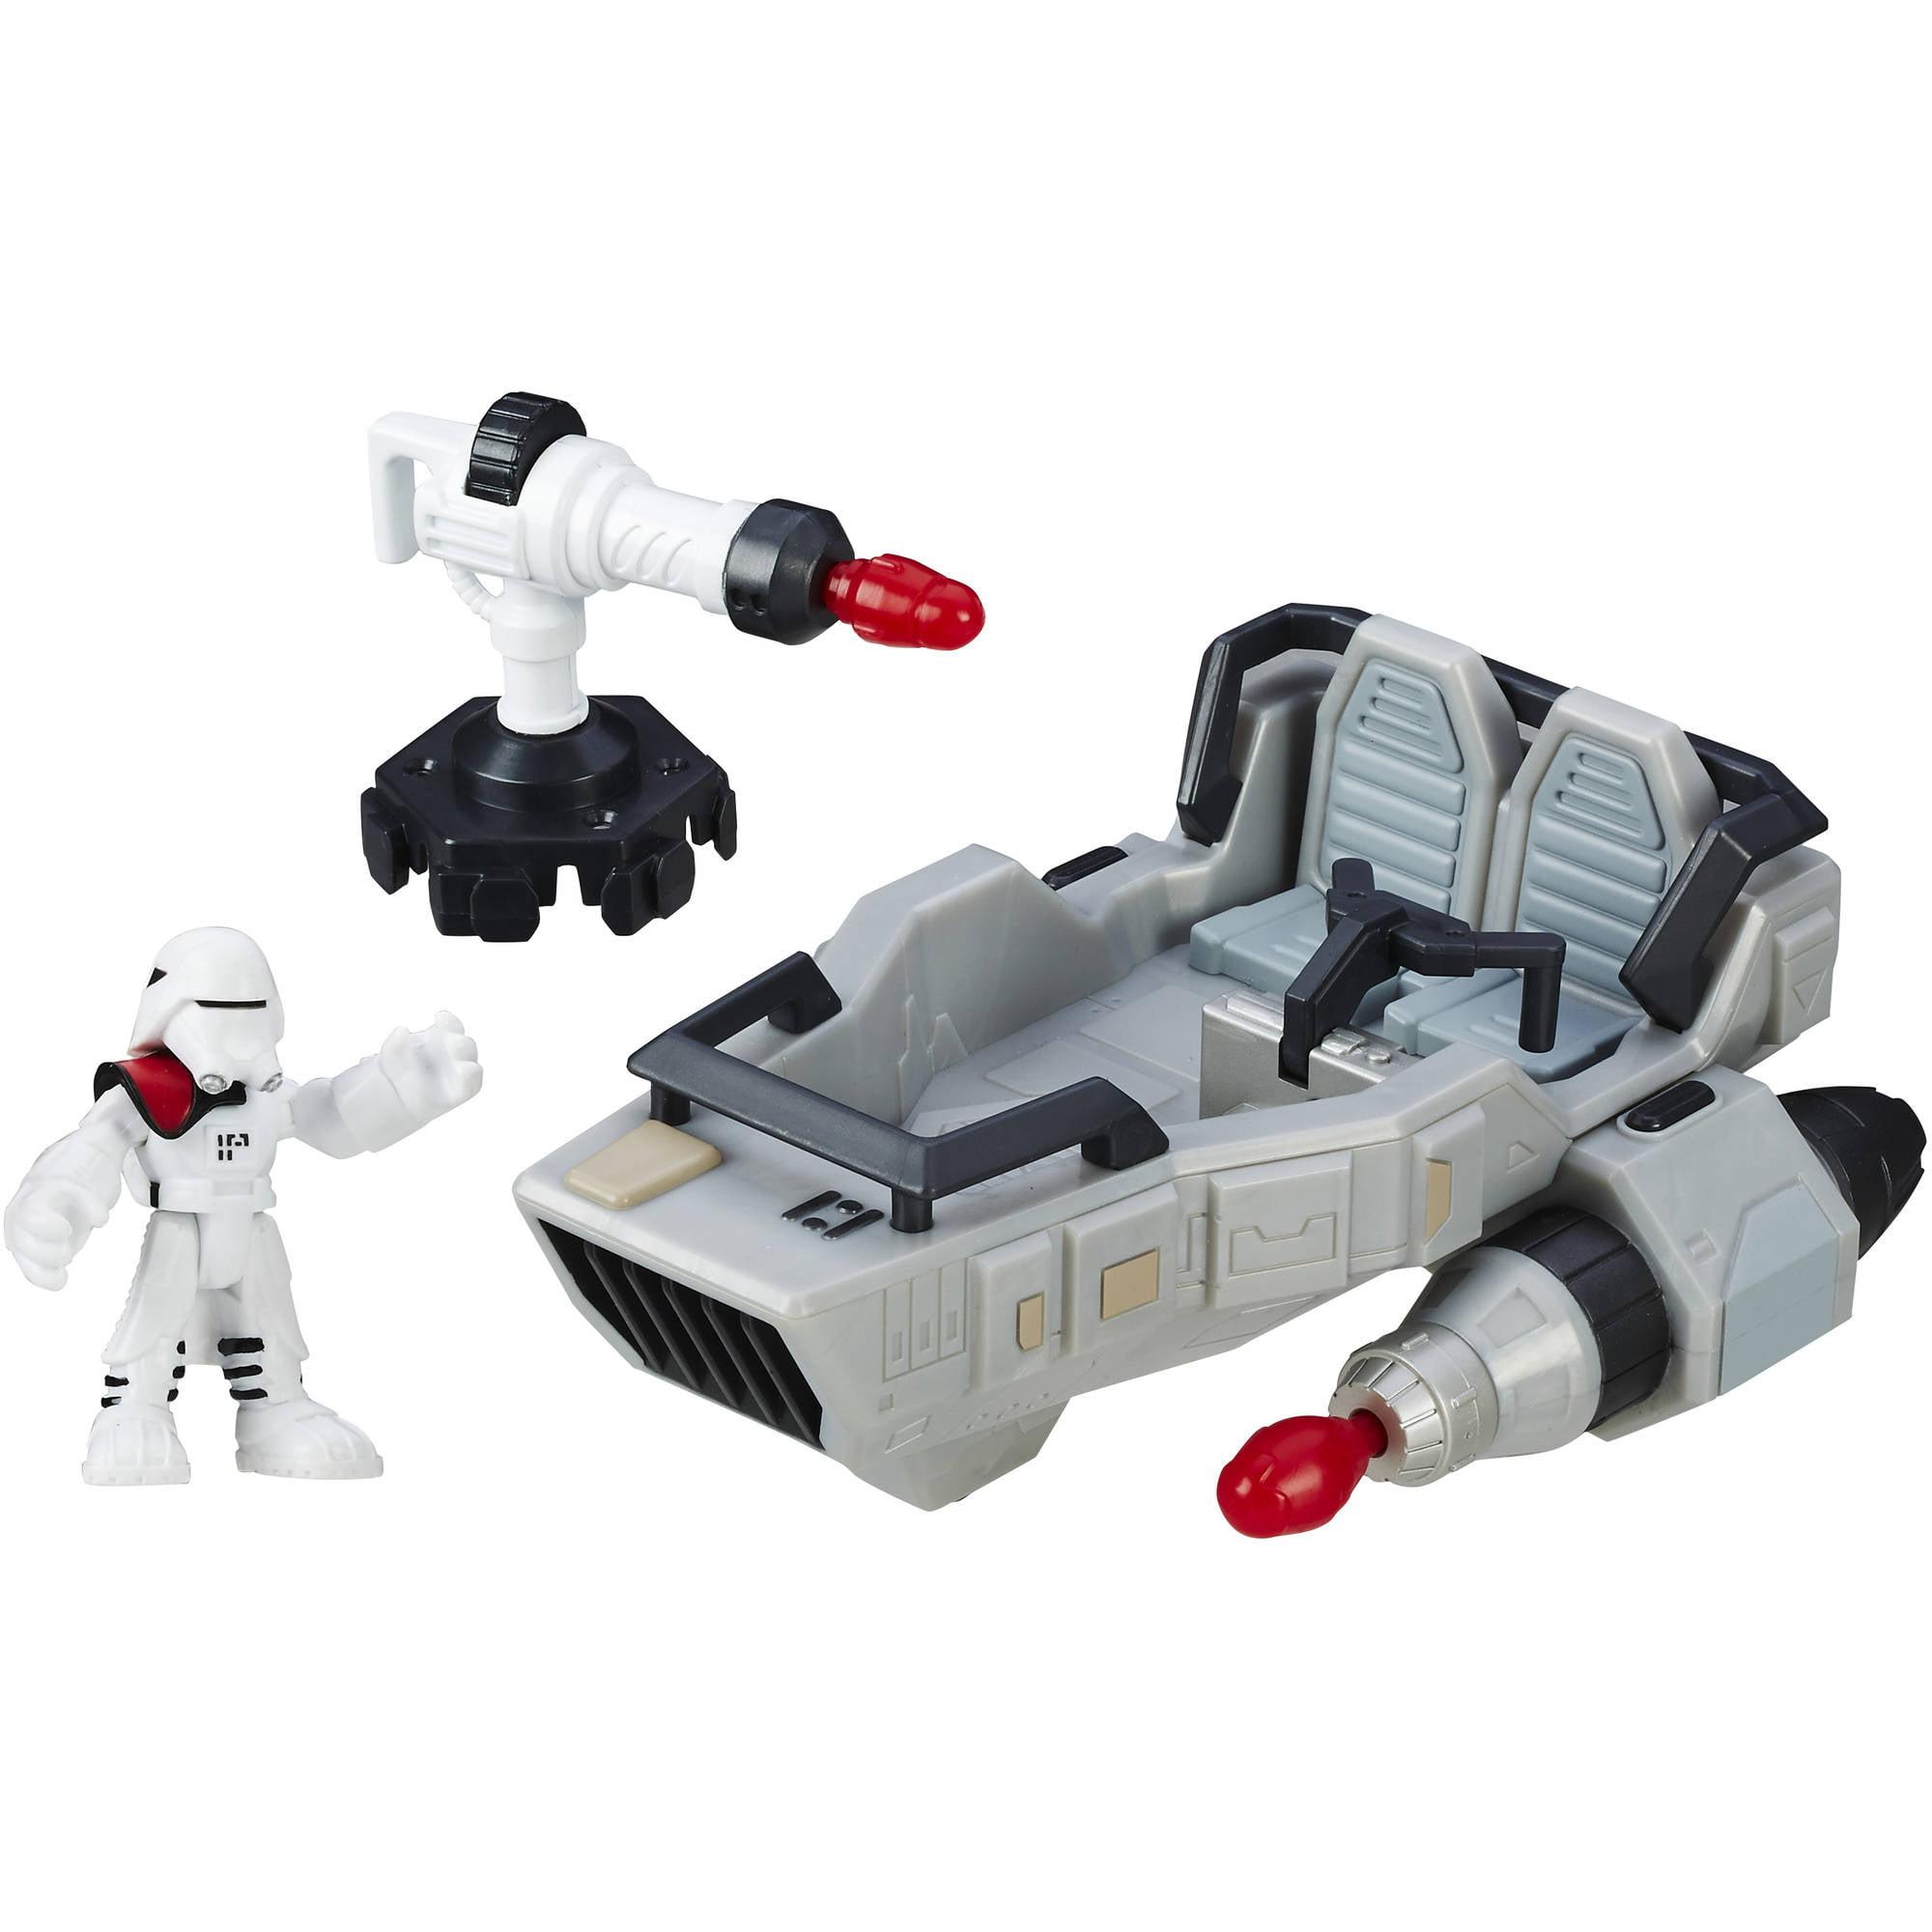 Playskool Heroes Star Wars Galactic Heroes First Order Snowspeeder by Hasbro